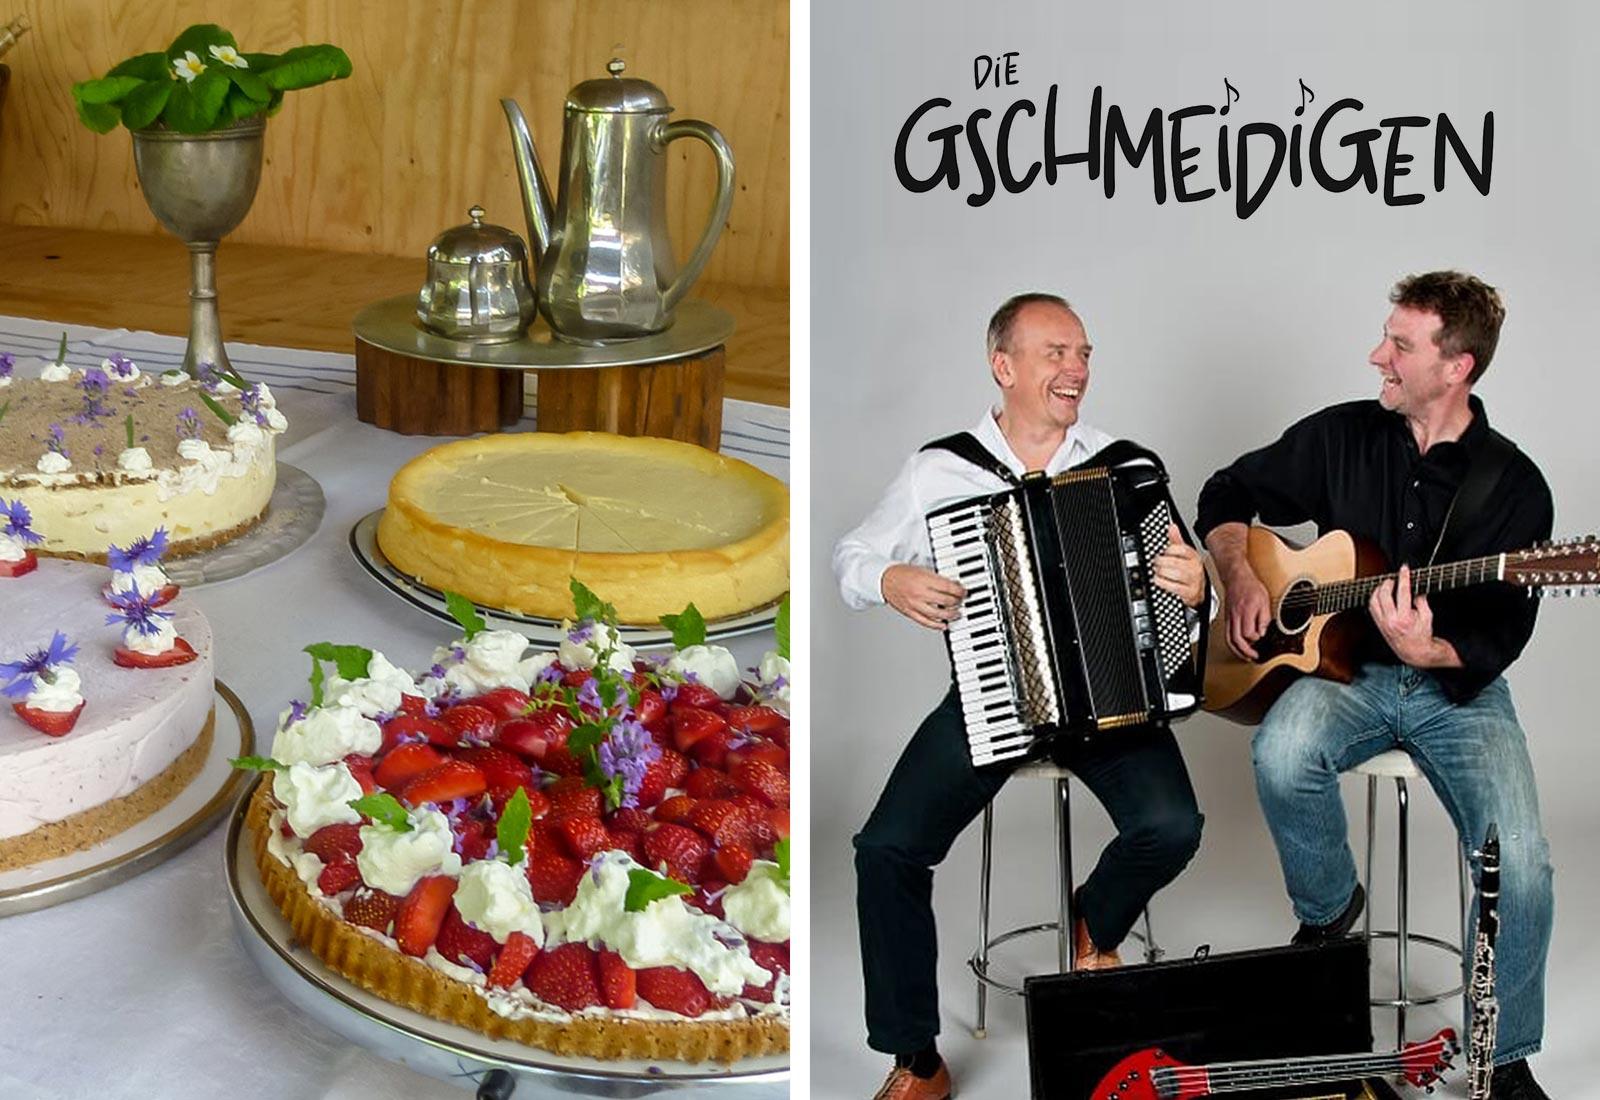 <del>16. Mai 2021</del> Verlegt auf Pfingstmontag, 24. Mai 2021 – ab 15 Uhr: Kaffee & Kuchen / ab 17 Uhr: Die Gschmeidigen